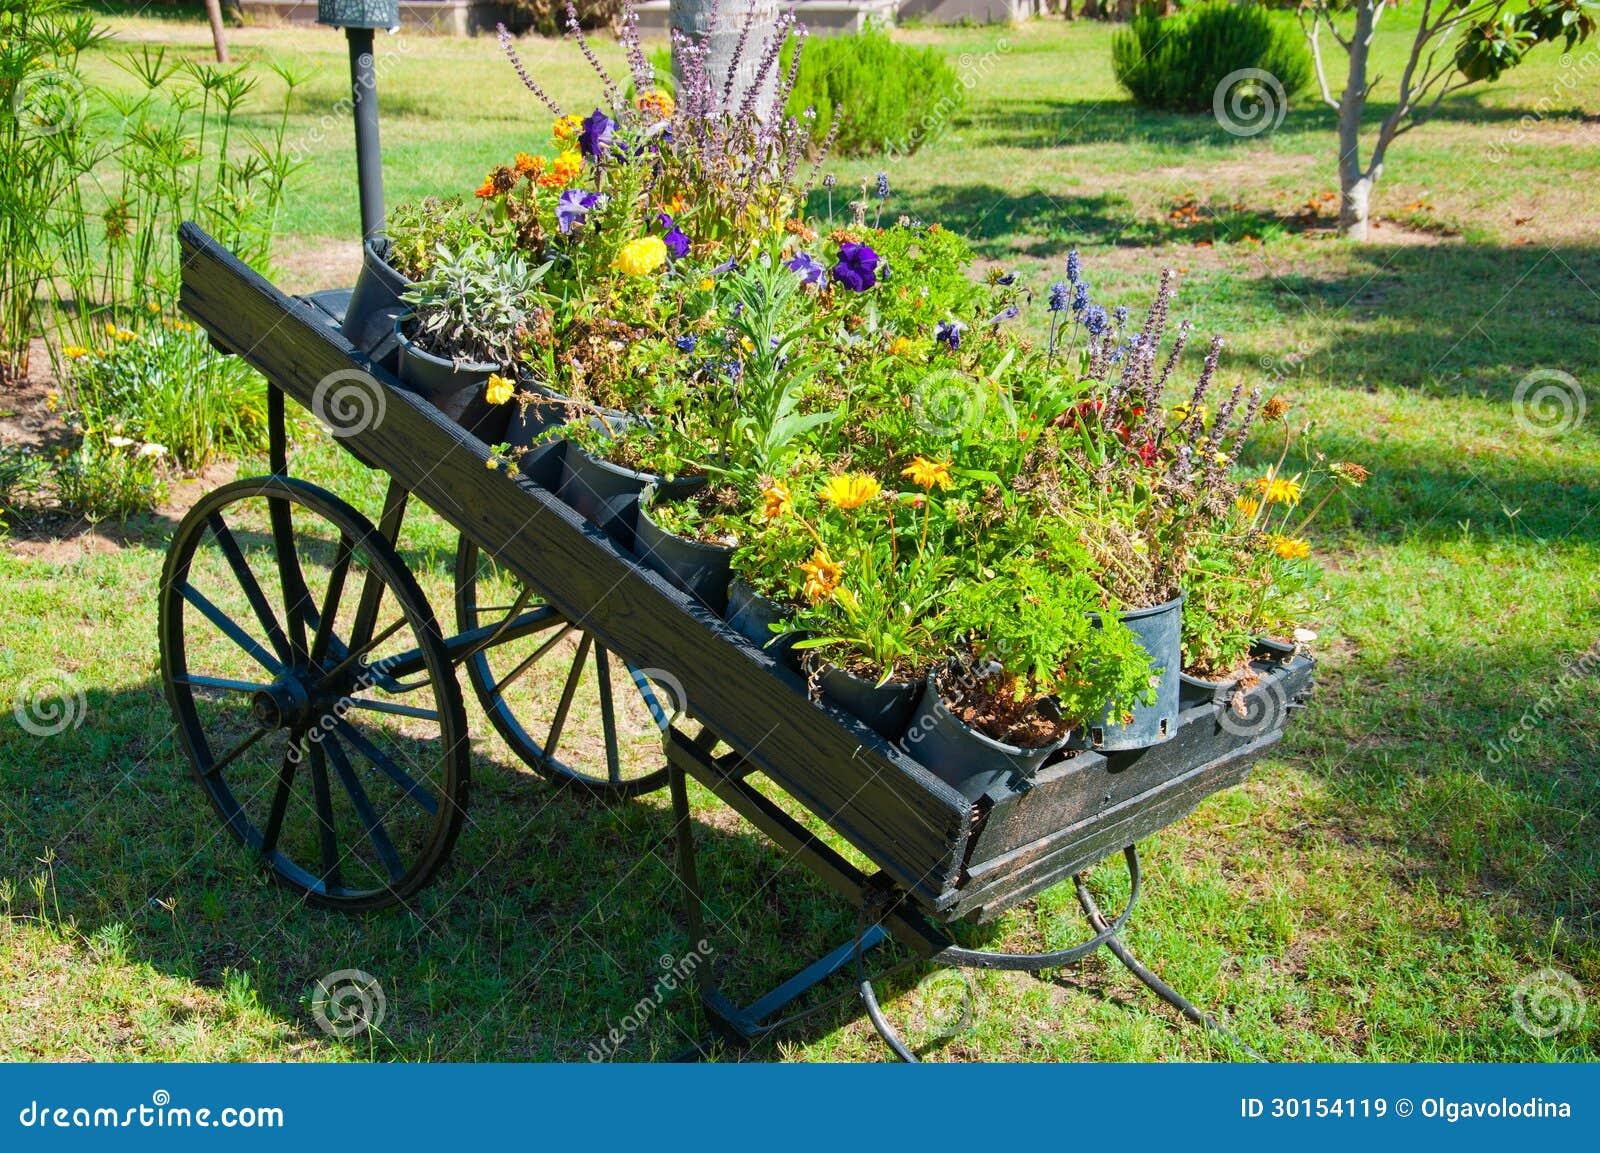 decoracao jardim paletes : decoracao jardim paletes: de ` Caminhão de pálete de madeira como a decoração do jardim